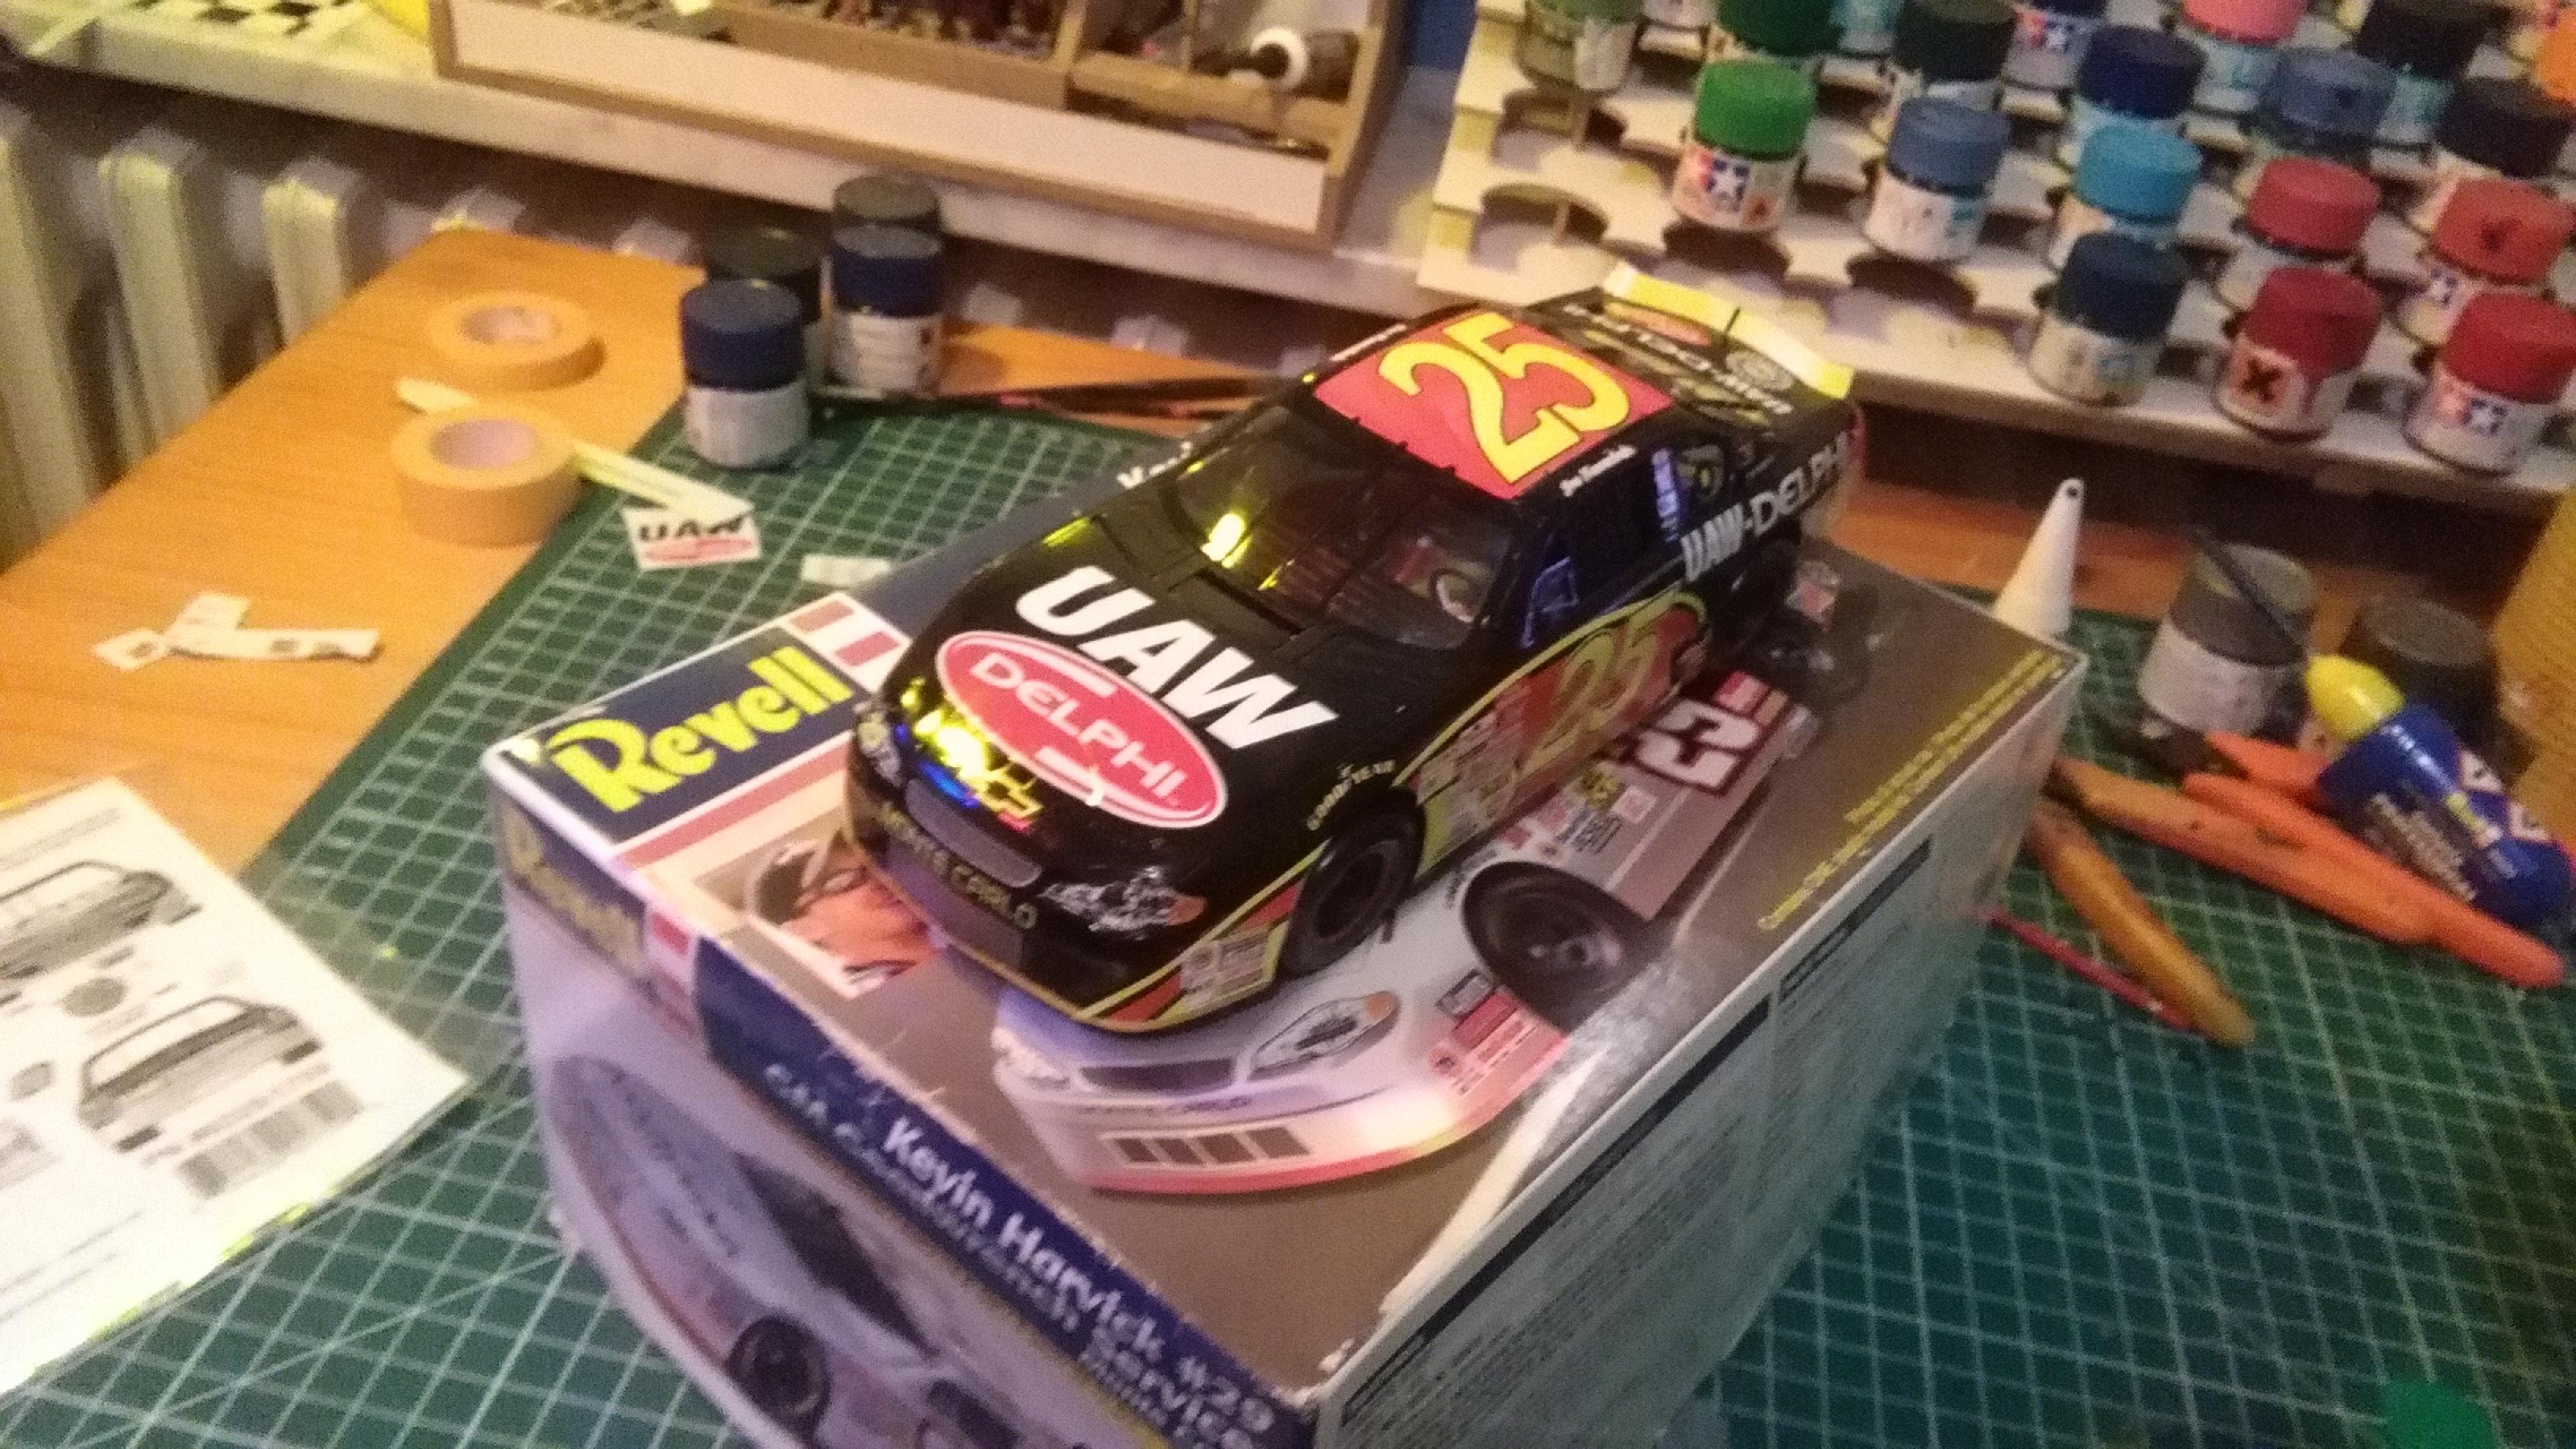 Chevy Monte-Carlo 2002 #25 Joe Nemechek UAW-Delphi  137687IMG20180104223409